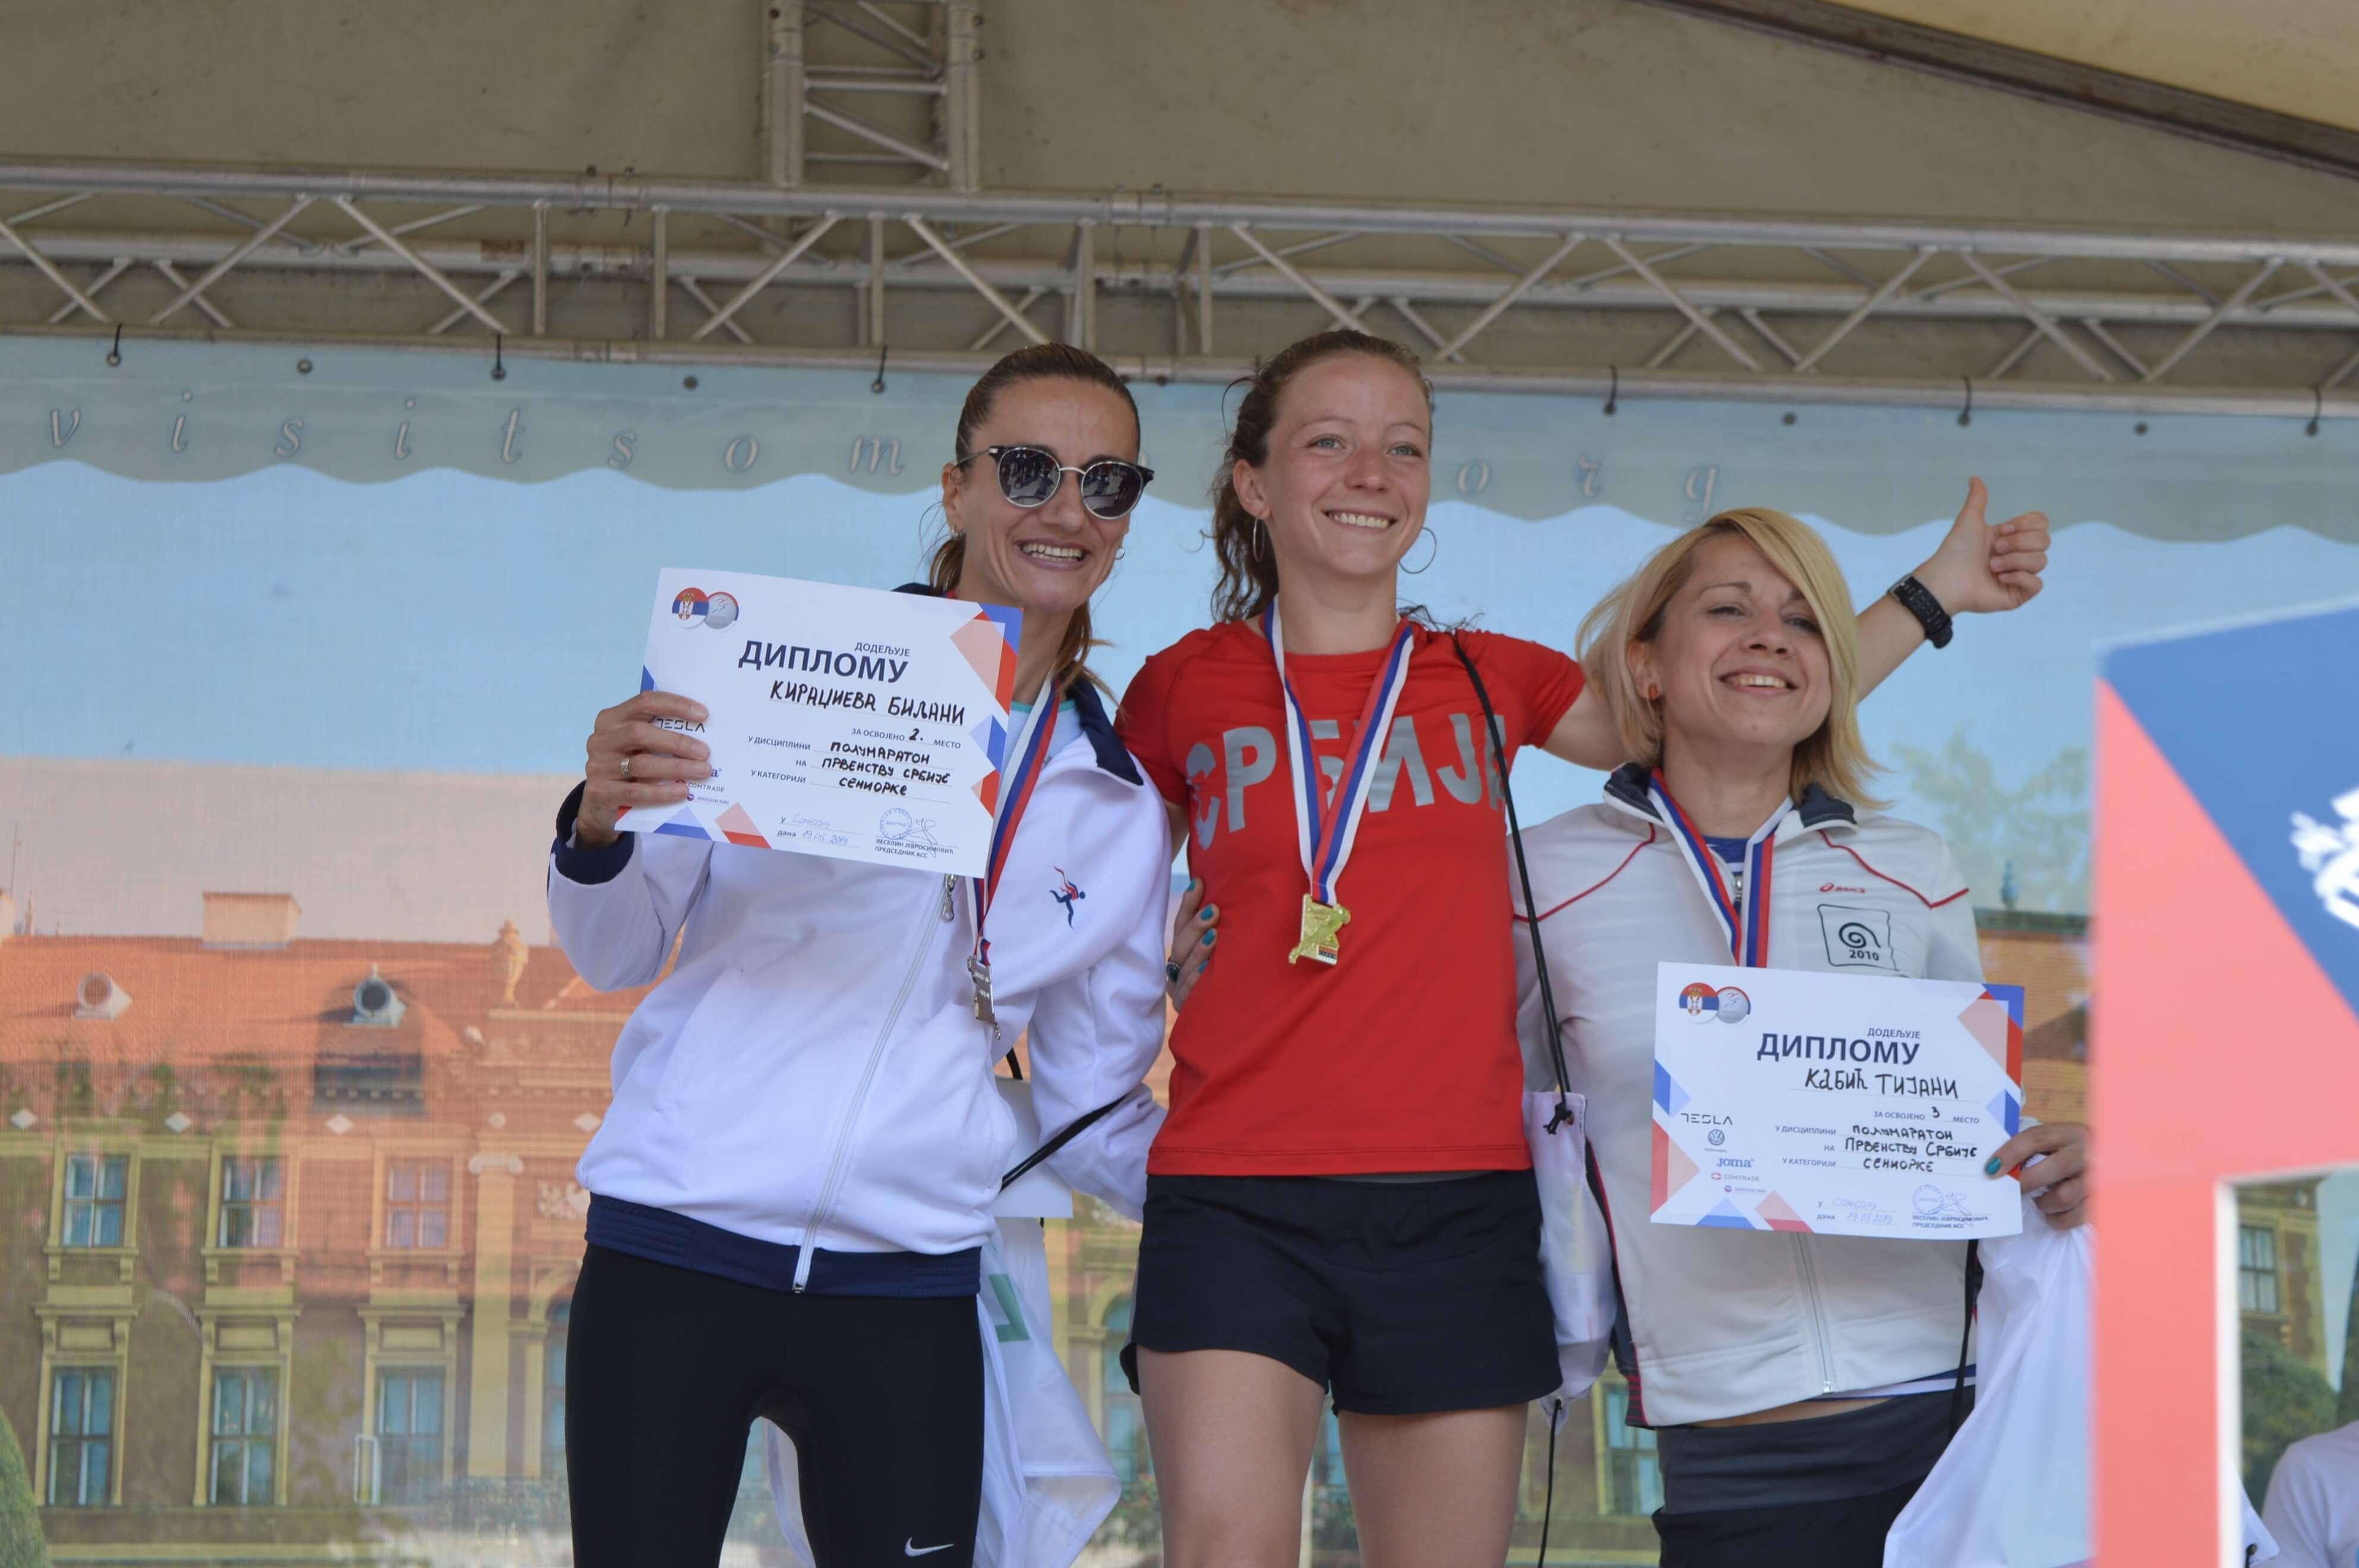 Биљана Кираџијева(друго место), Катарина Похлод (прво место) и Тијана Кабић (треће место) су биле најбрже у женској конкуренцији полумаратона